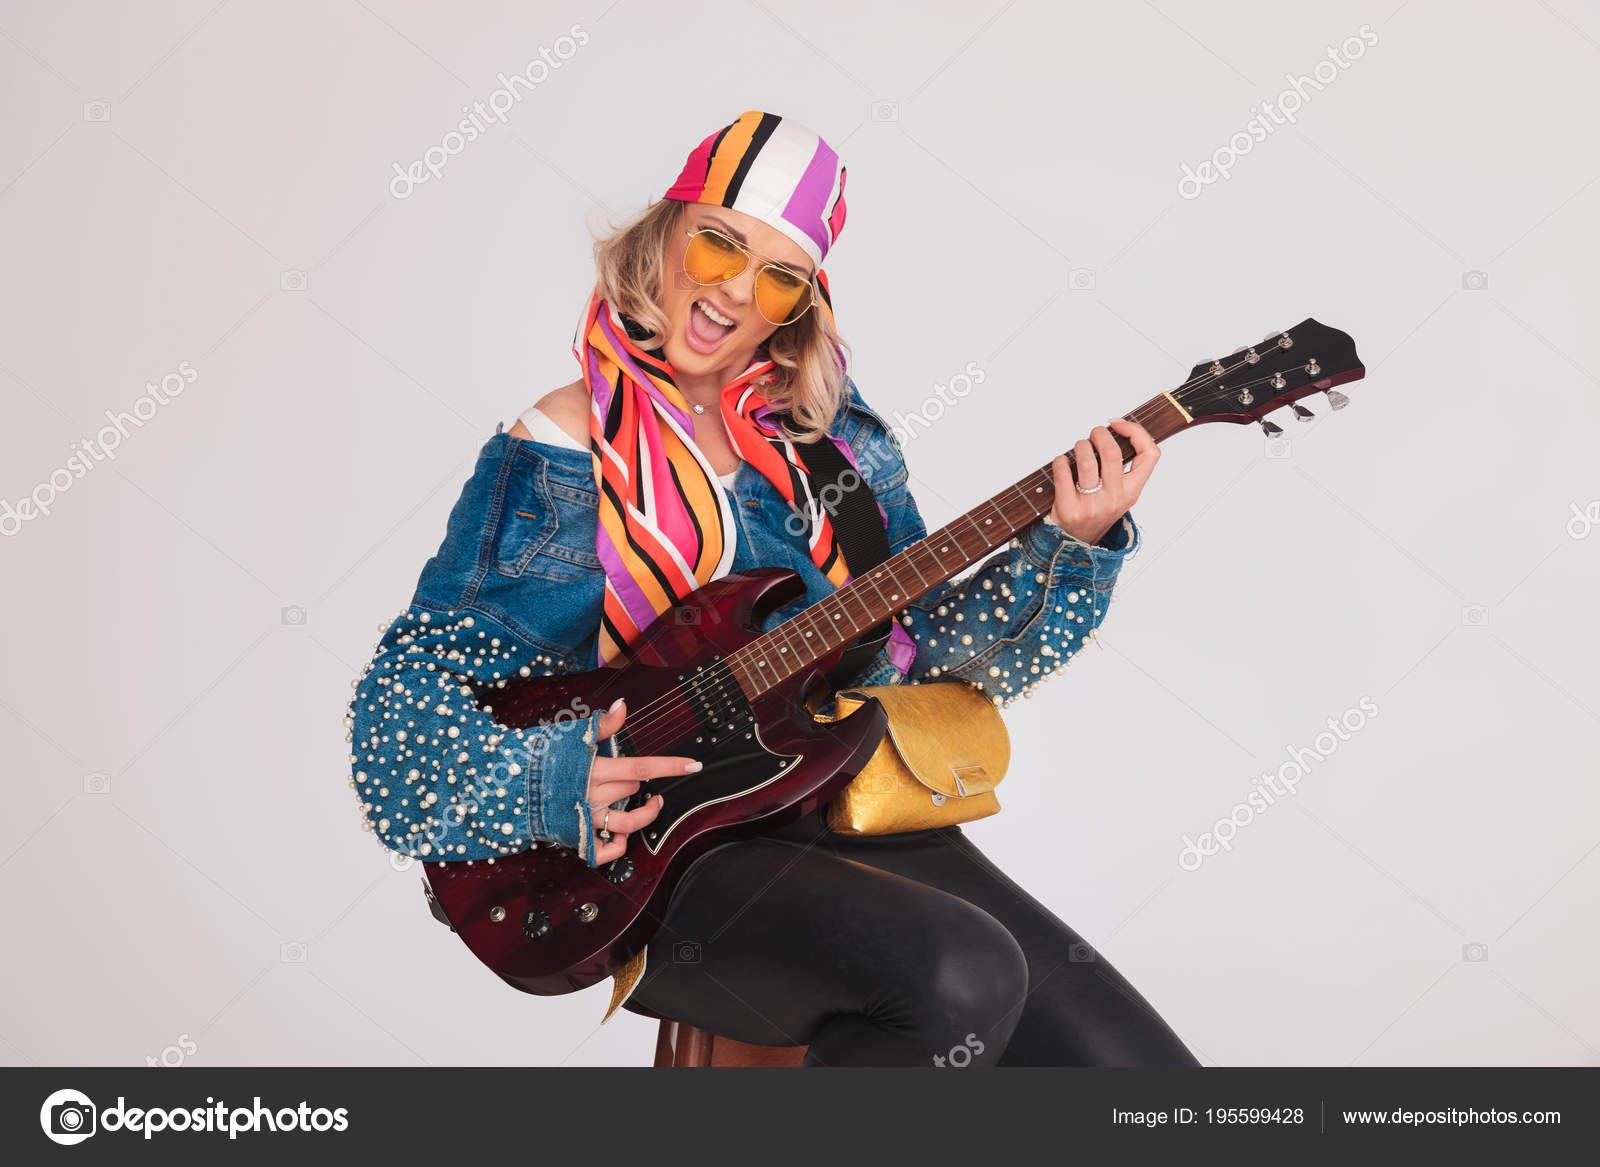 Belle femme avec foulard coloré jouant une chanson rock à la guitare en  position assise sur une chaise en bois sur fond gris clair — Image de  feedough e634428f935